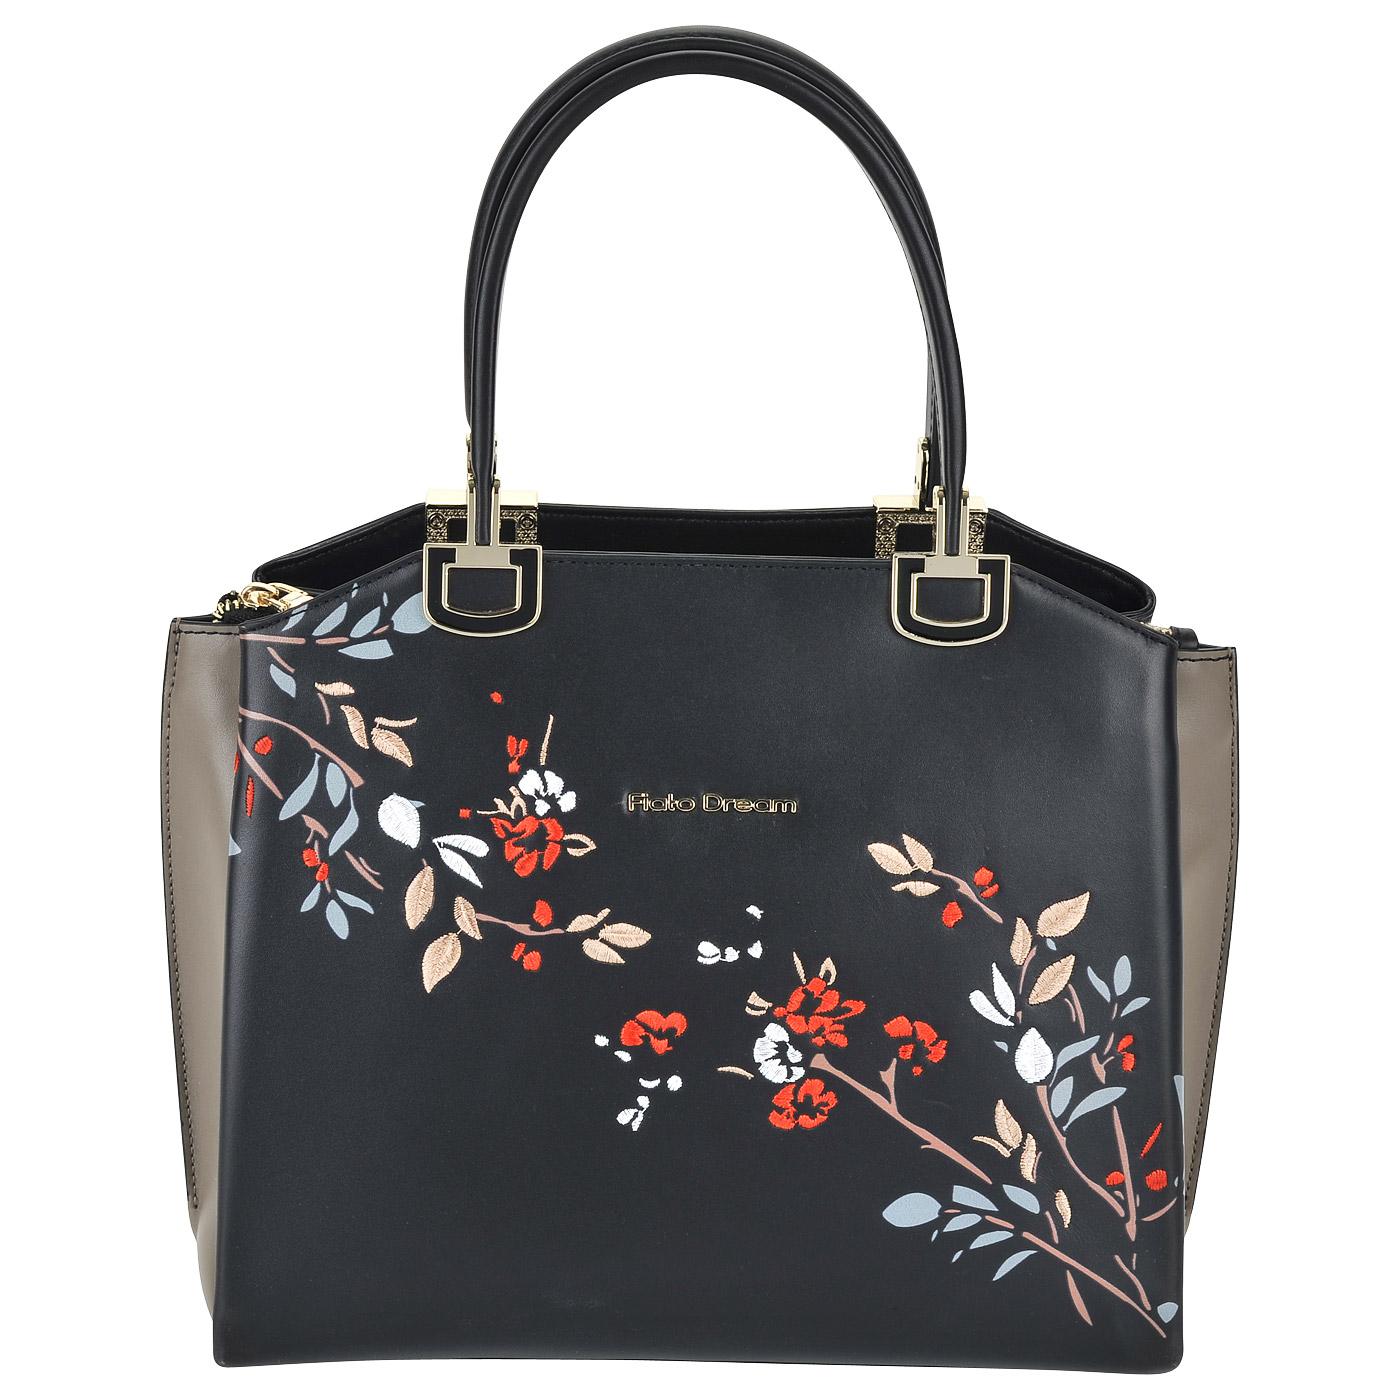 c58f8610b8c9 Женская кожаная сумка с цветной вышивкой Fiato Dream 6014 FD ...